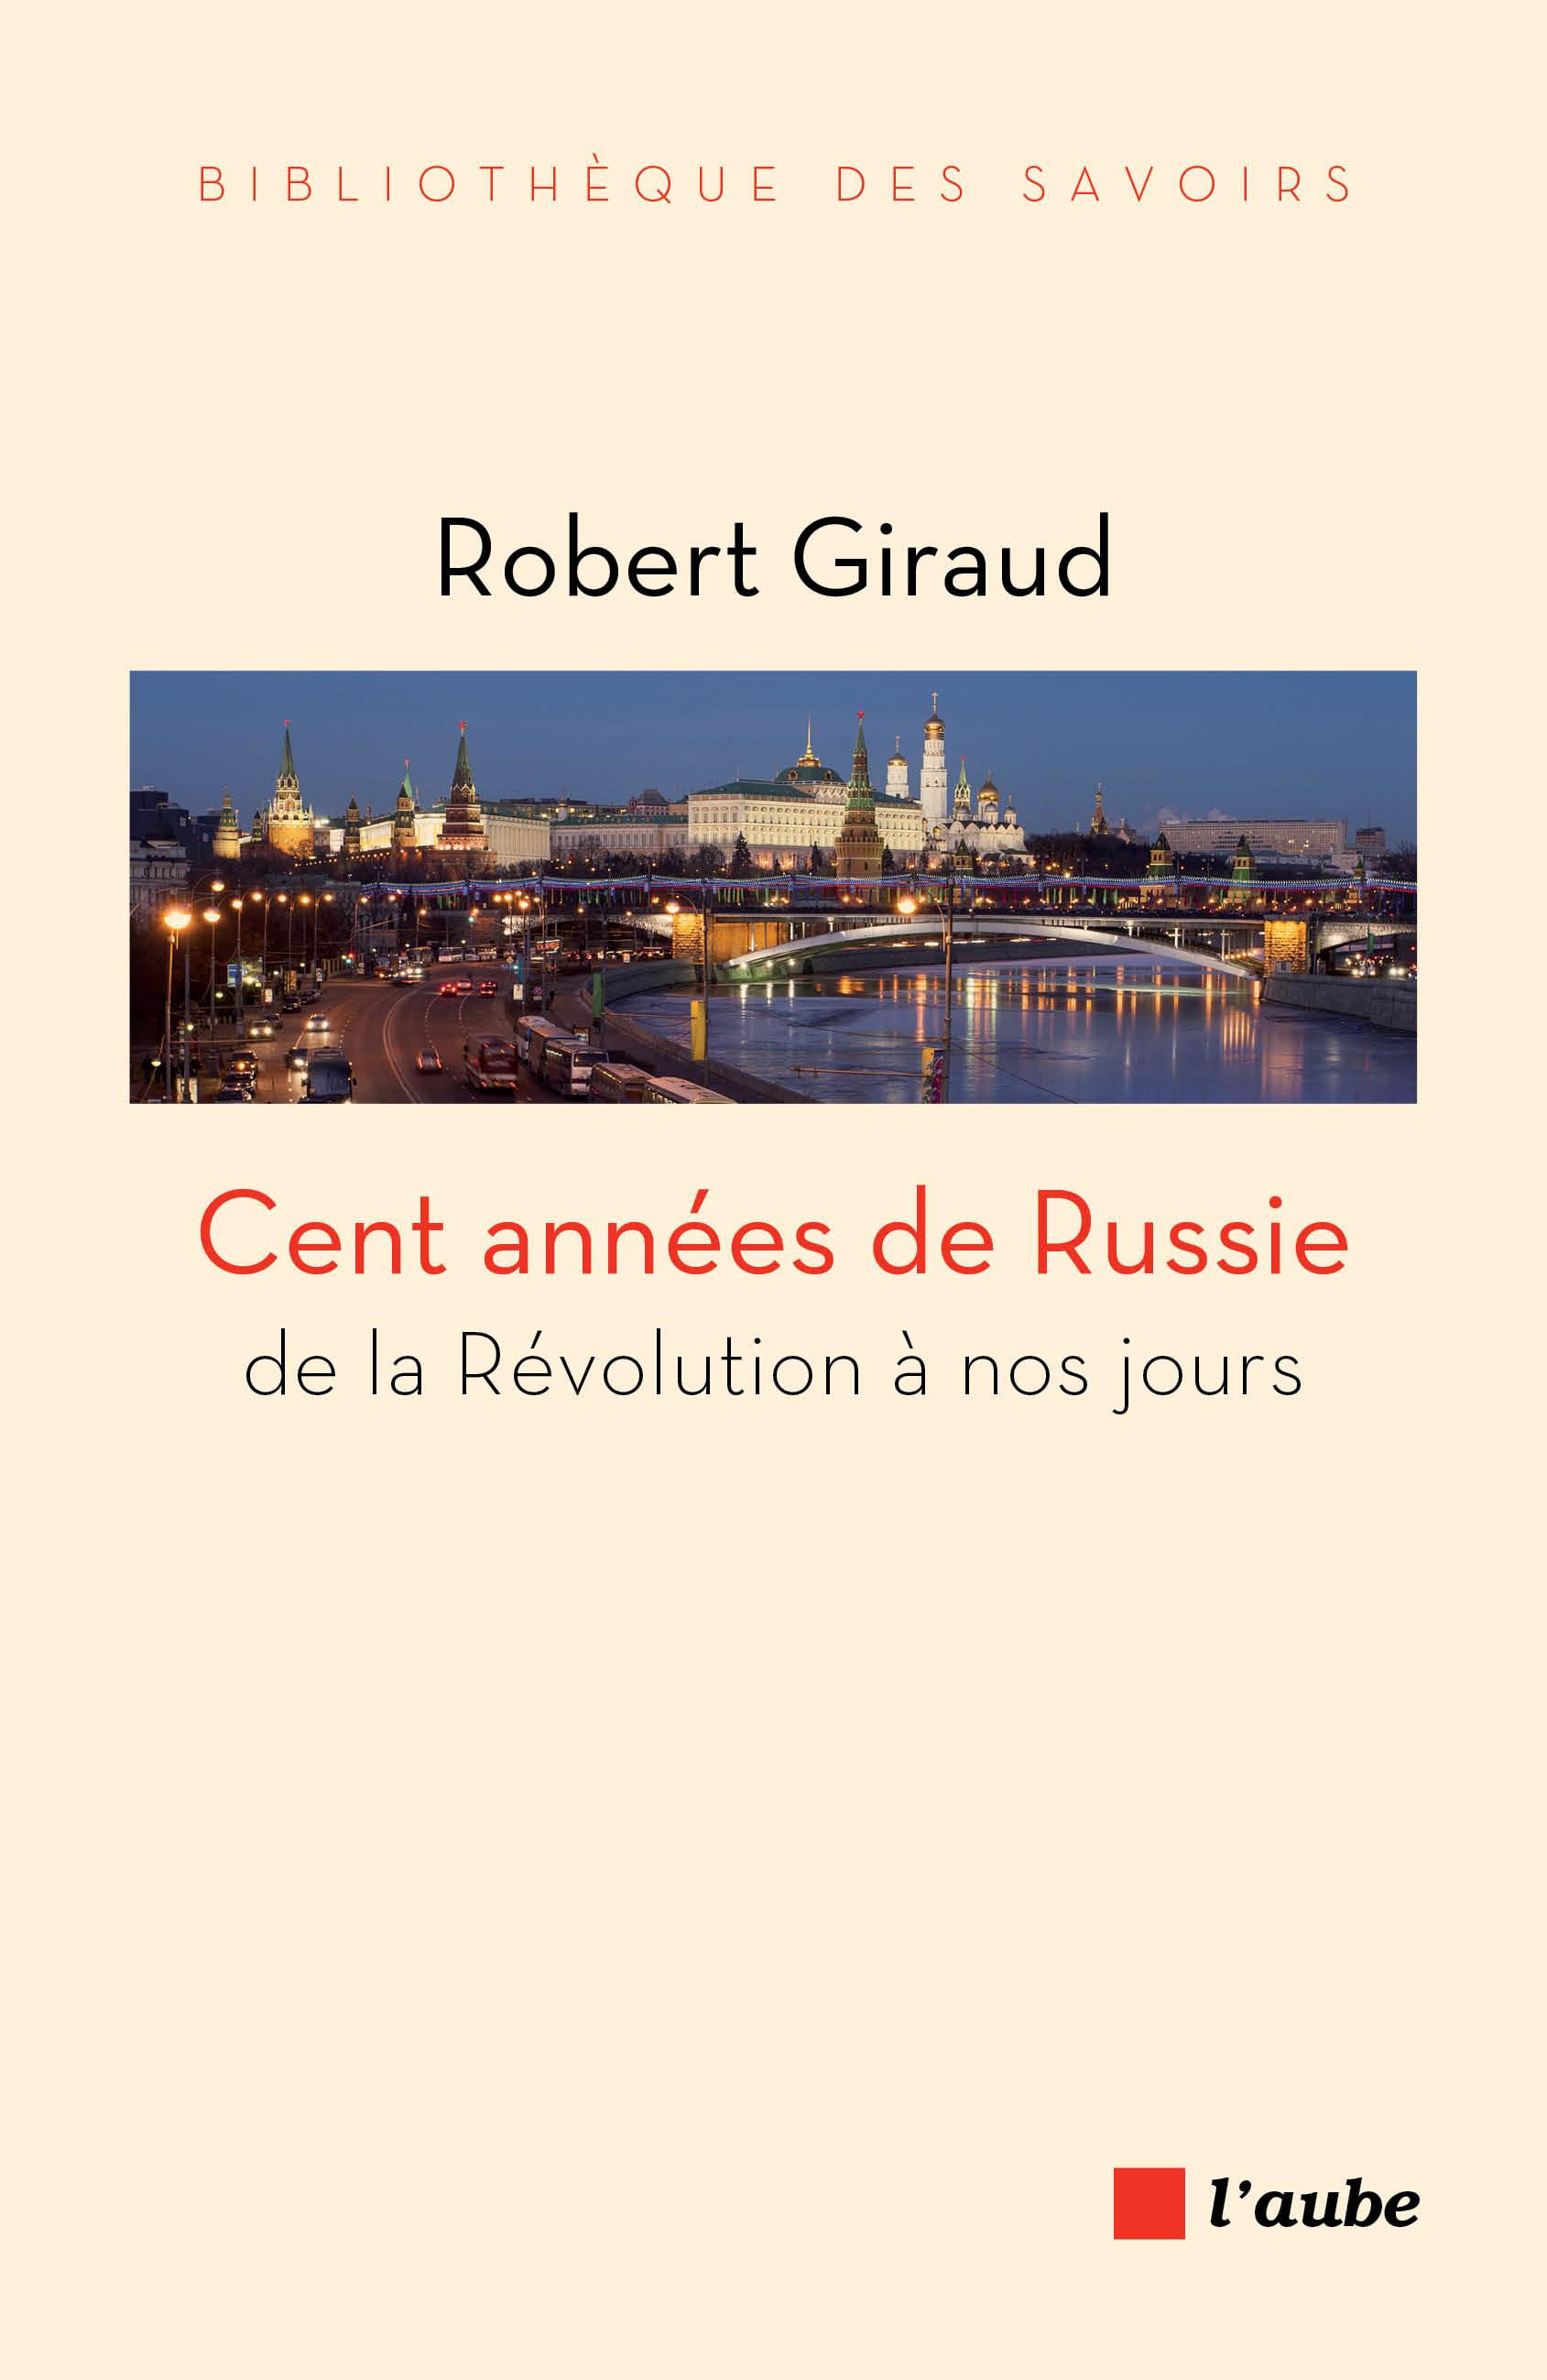 Cent années de Russie